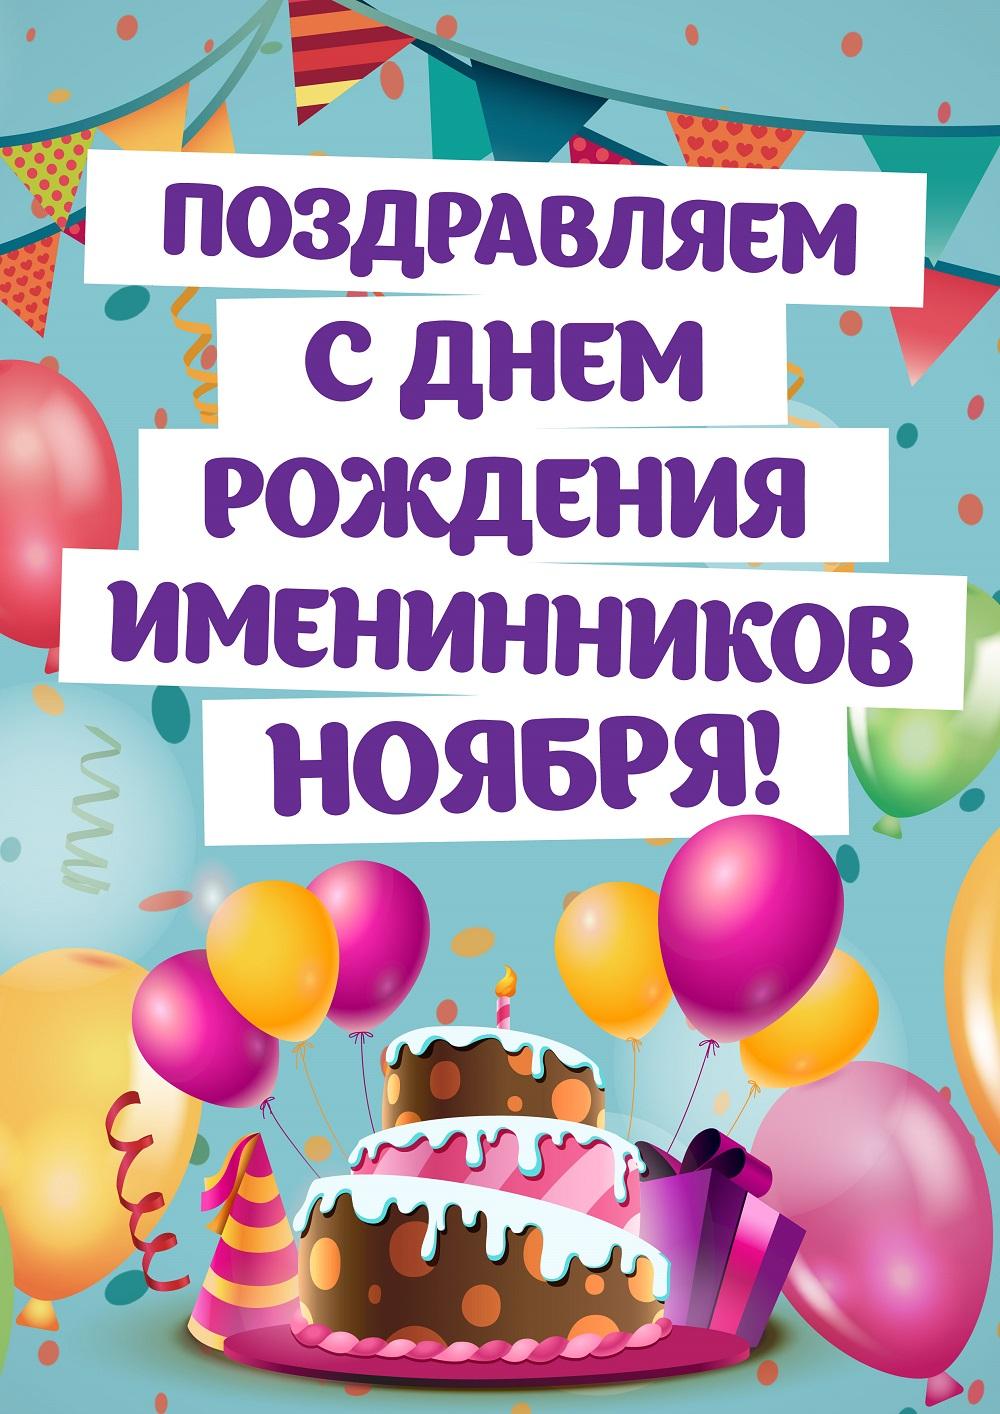 С днем рождения именинники картинки для тому же